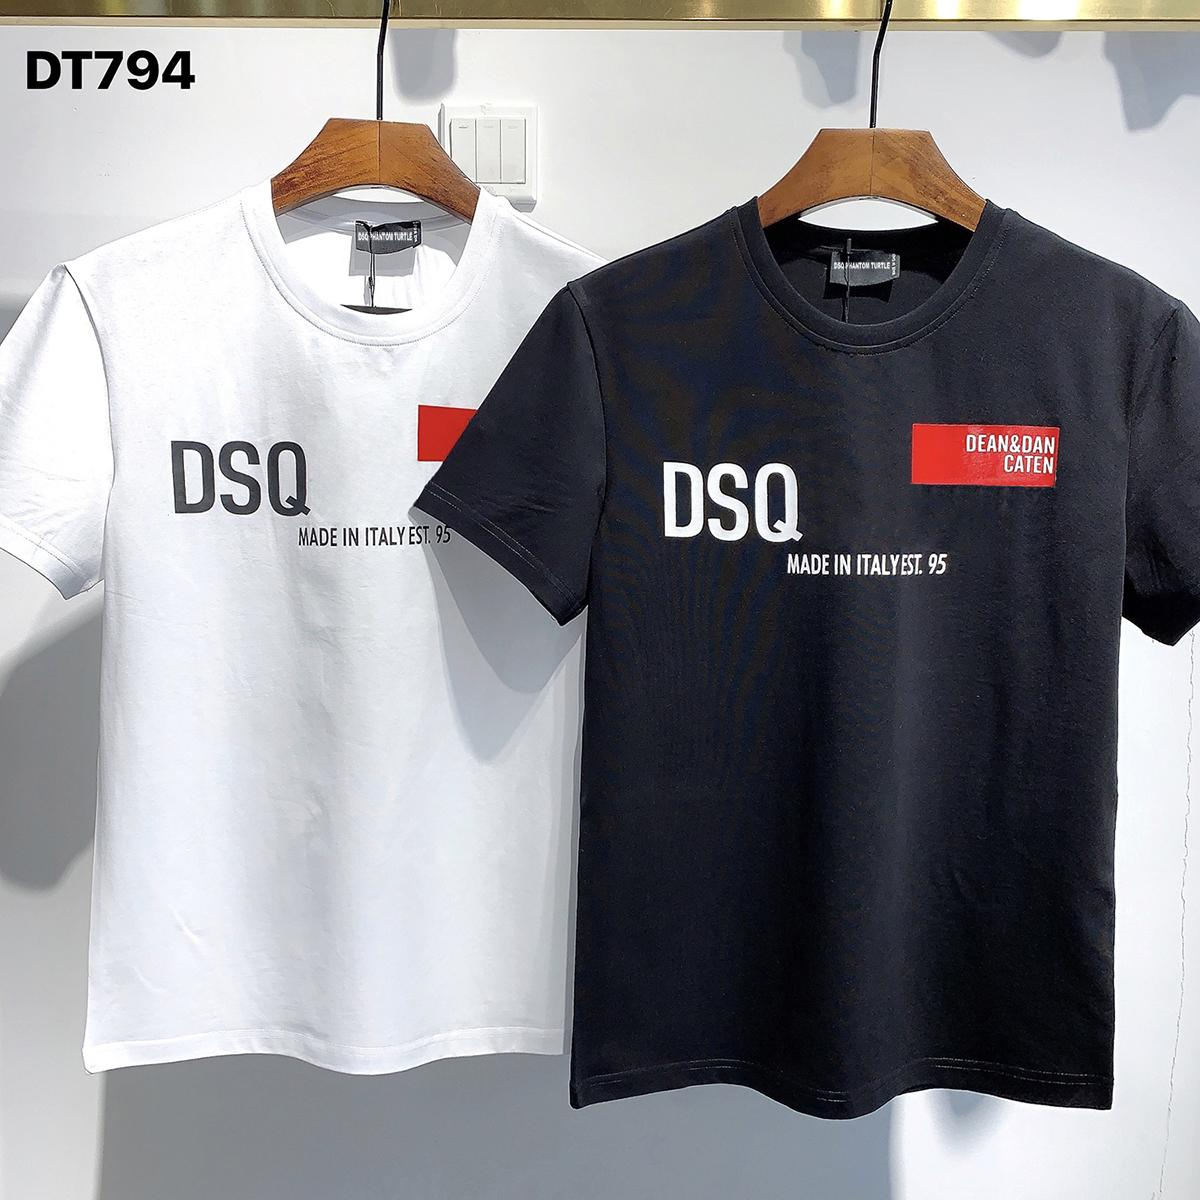 DSQ Phantom Tortue 2021ss New Mens Designer T-shirt Paris Mode T-shirts Été DSQ Modèle T-shirt Homme Top Qualité 100% coton Top 1024